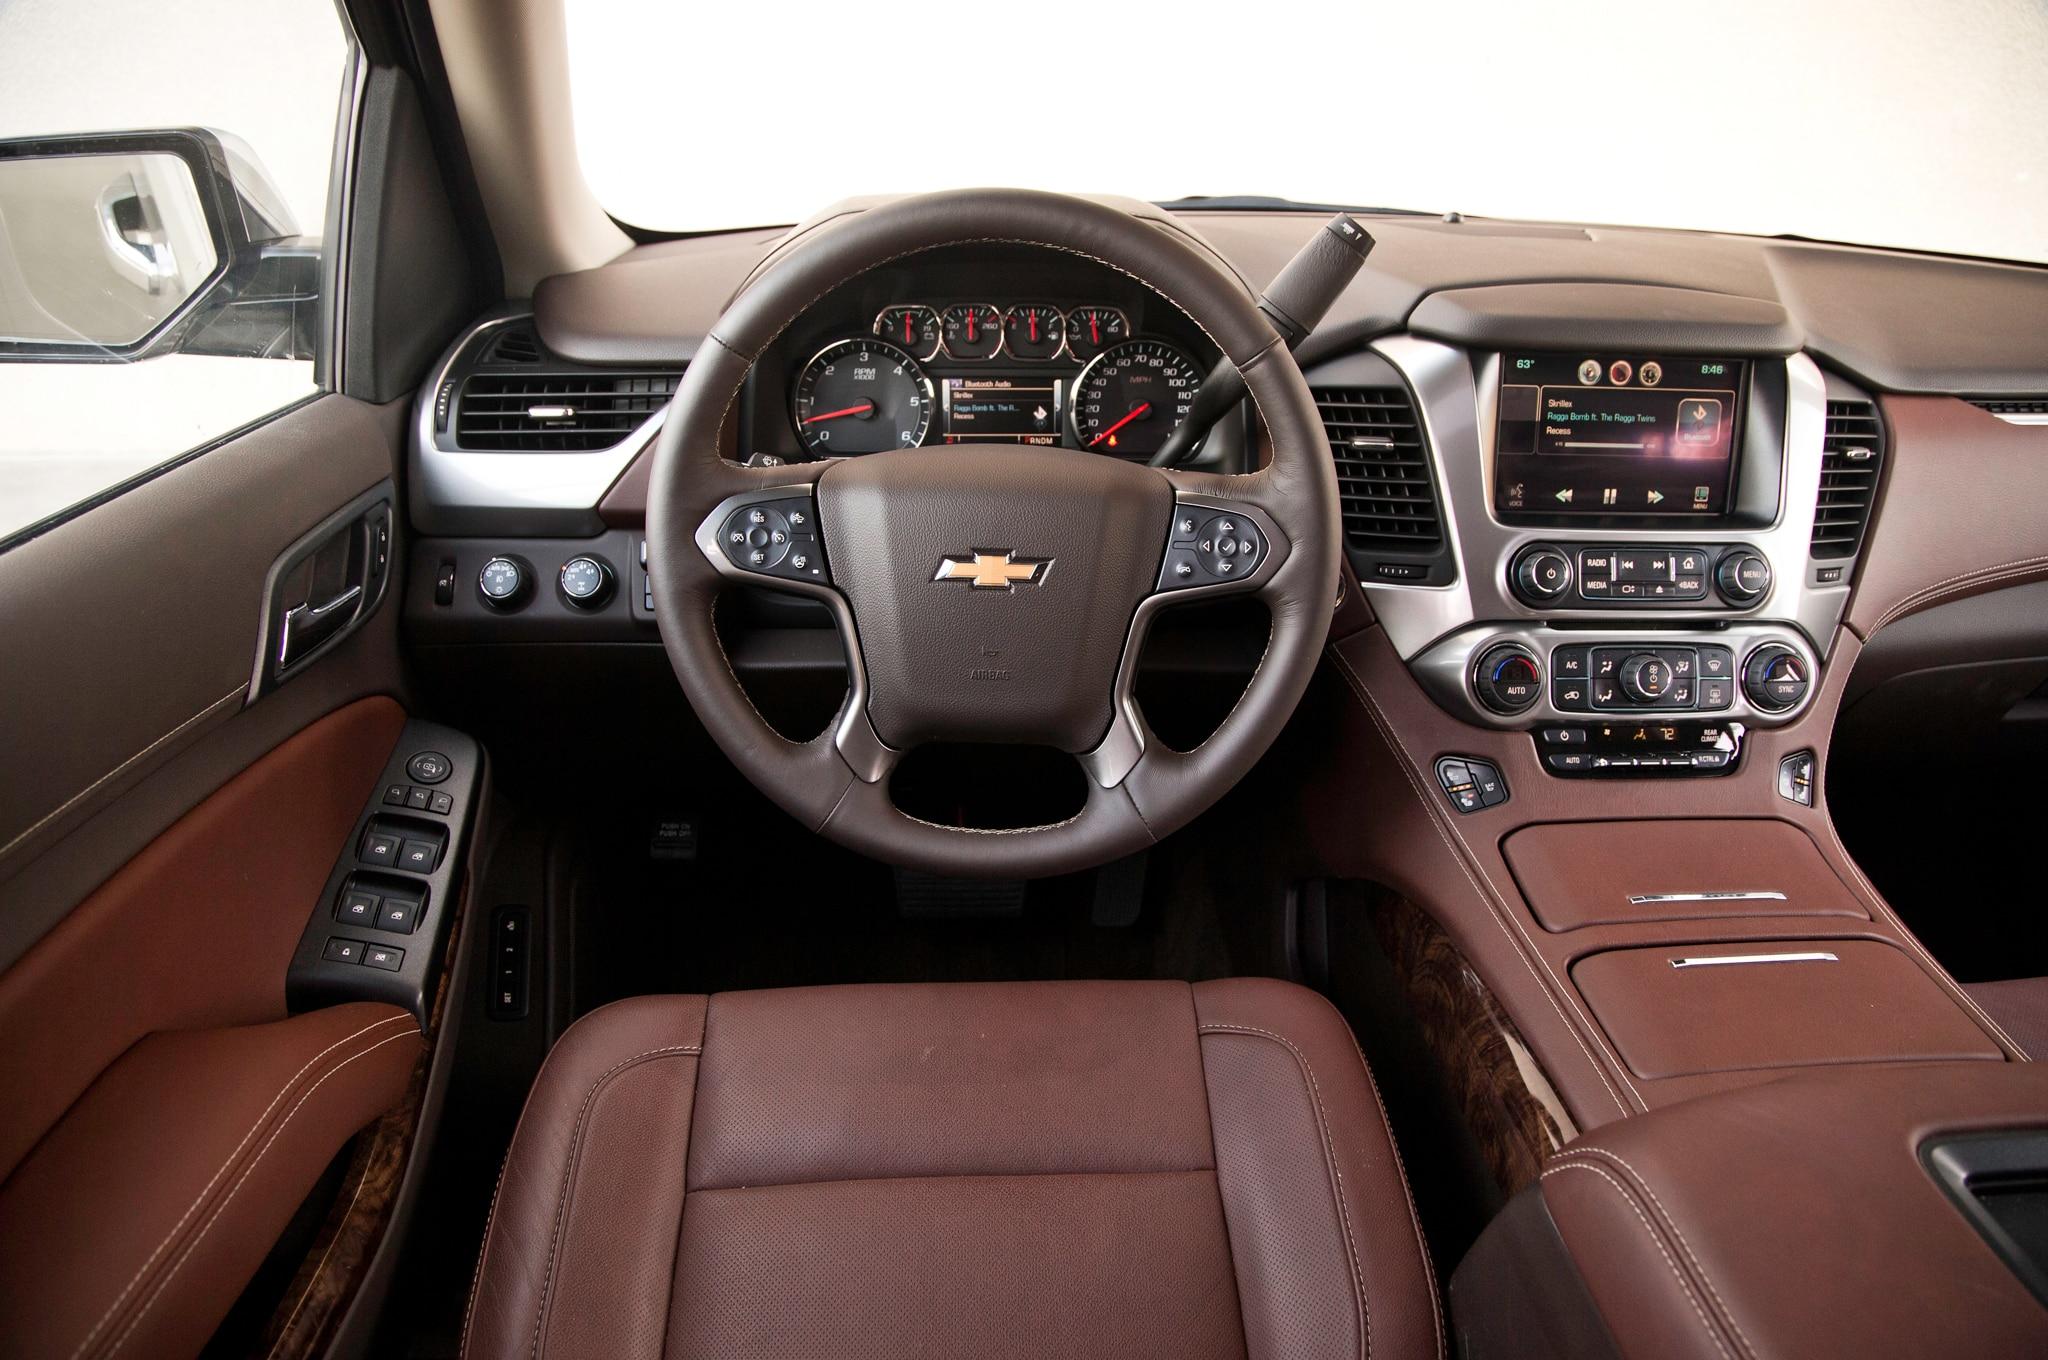 Chevrolet Suburban 2015 Y Gmc Yukon Denali Xl Primera Prueba